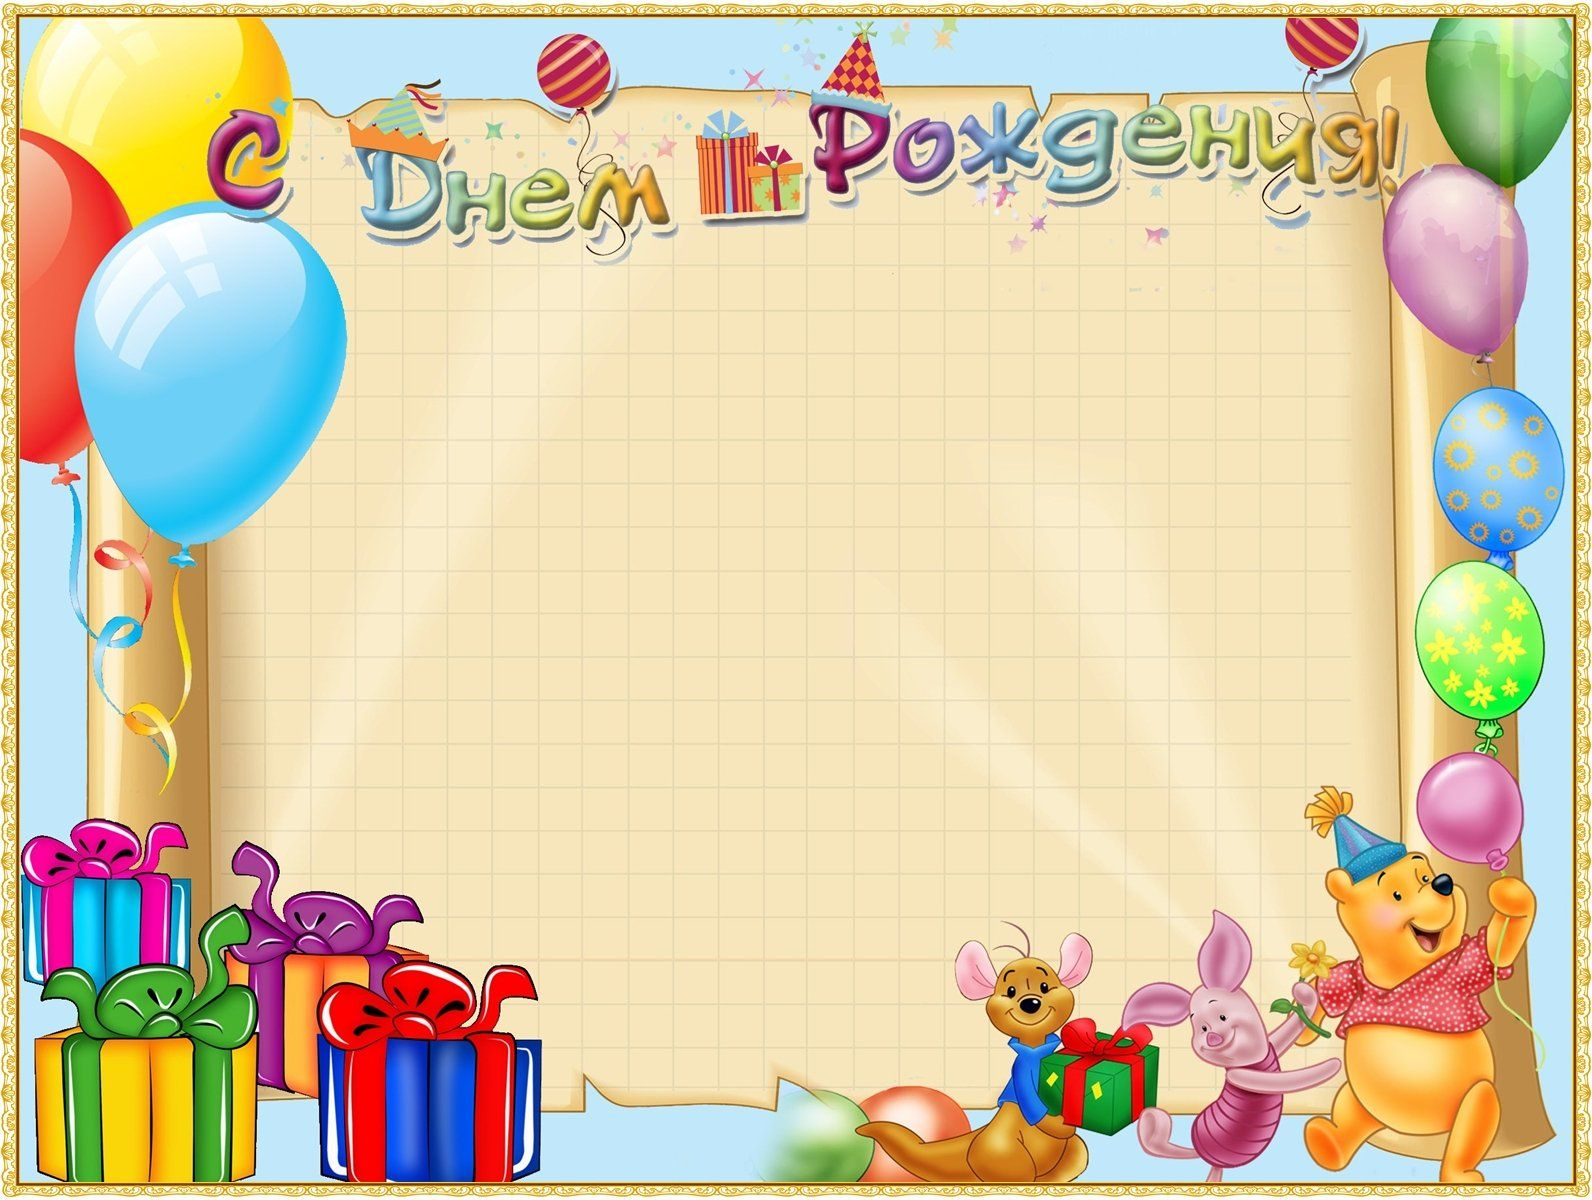 Днем рождения, шаблон открытки ребенку